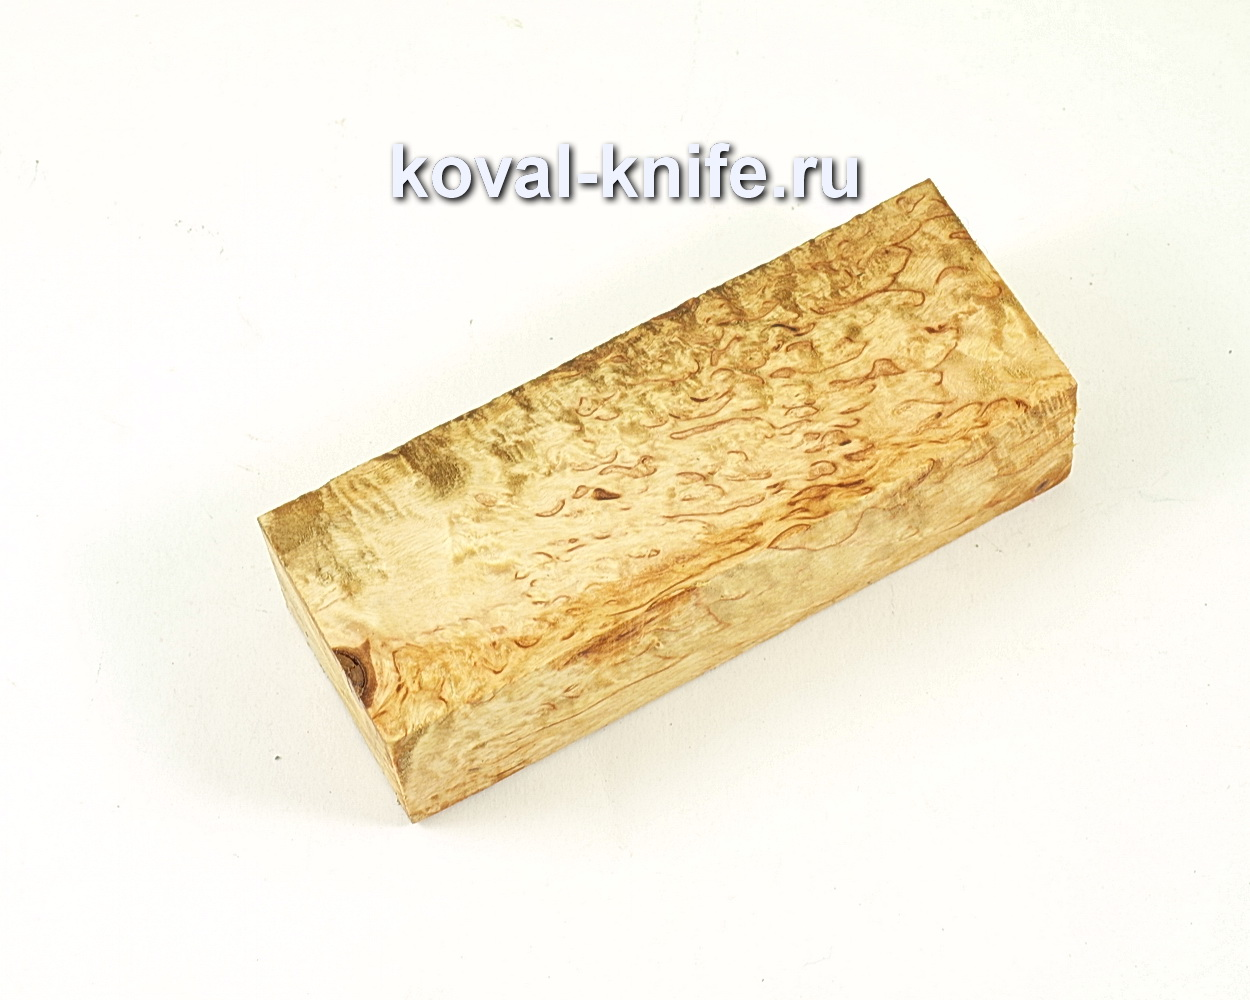 Карельская береза для рукоятки ножа (брусок)